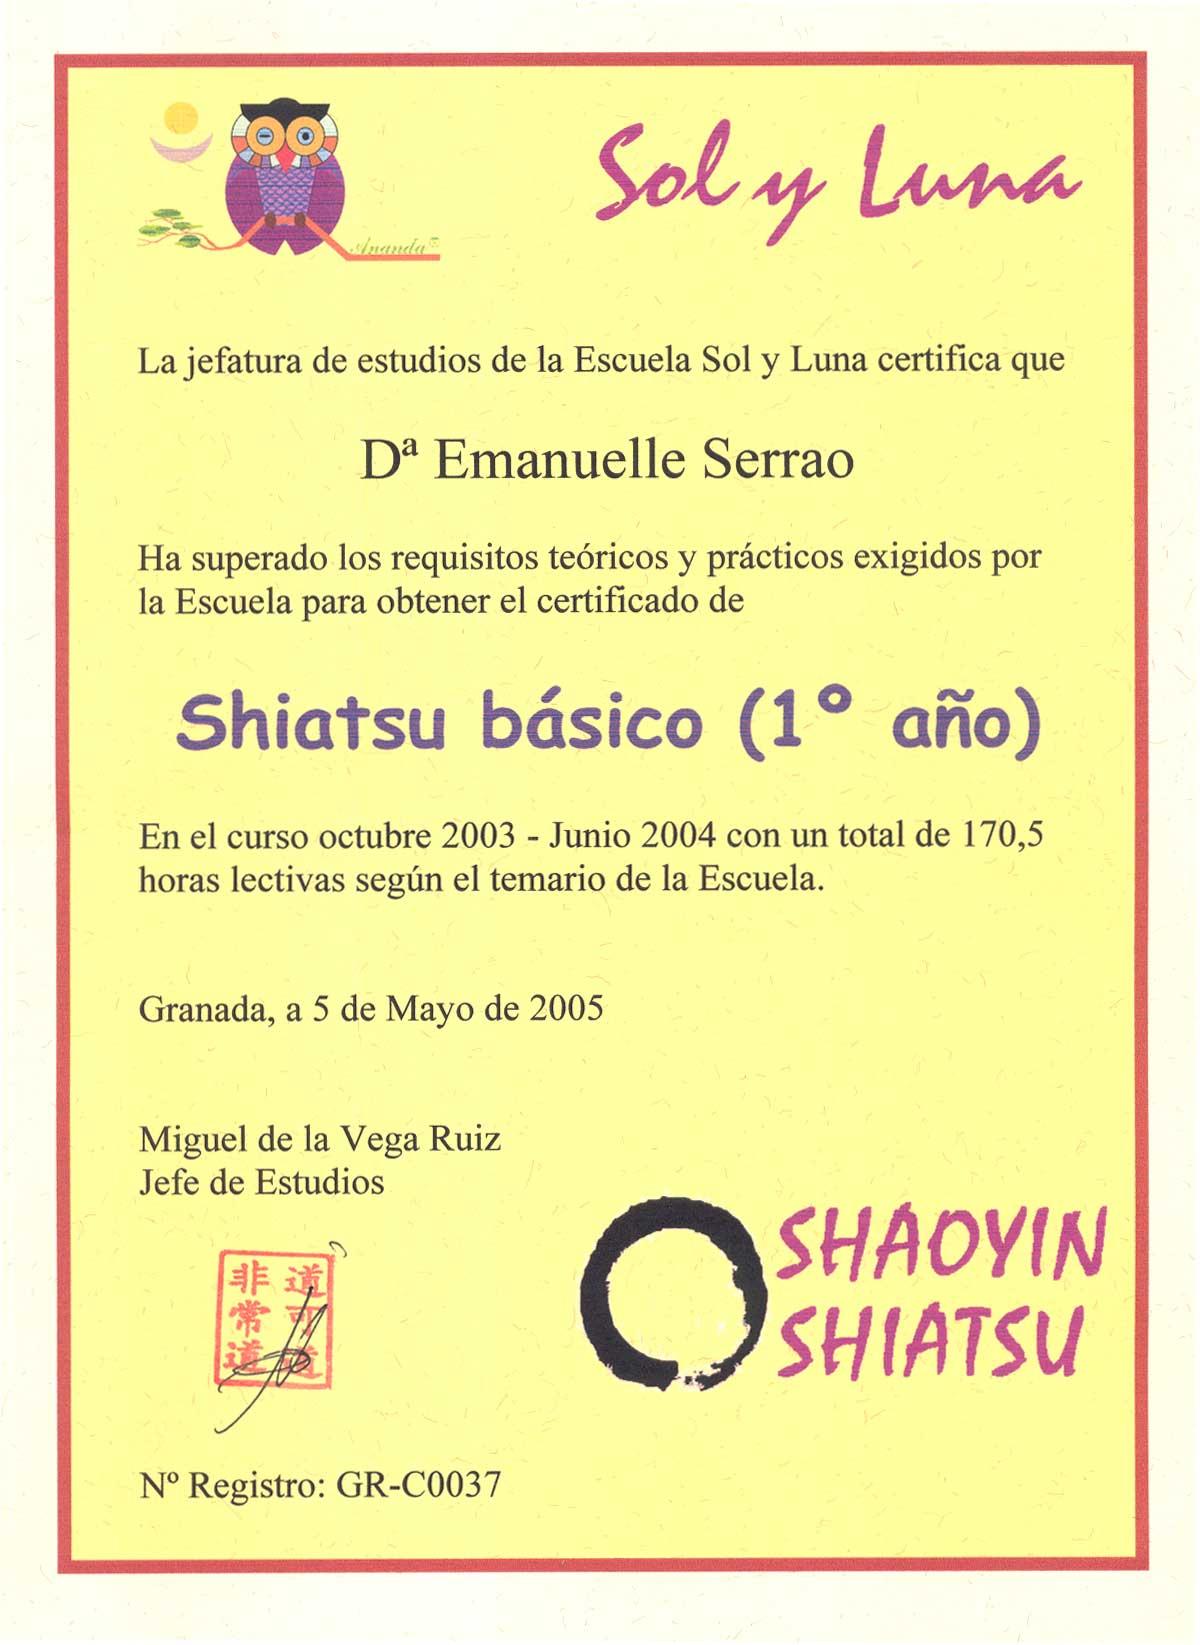 Diploma shiatsu basico Granada 2004